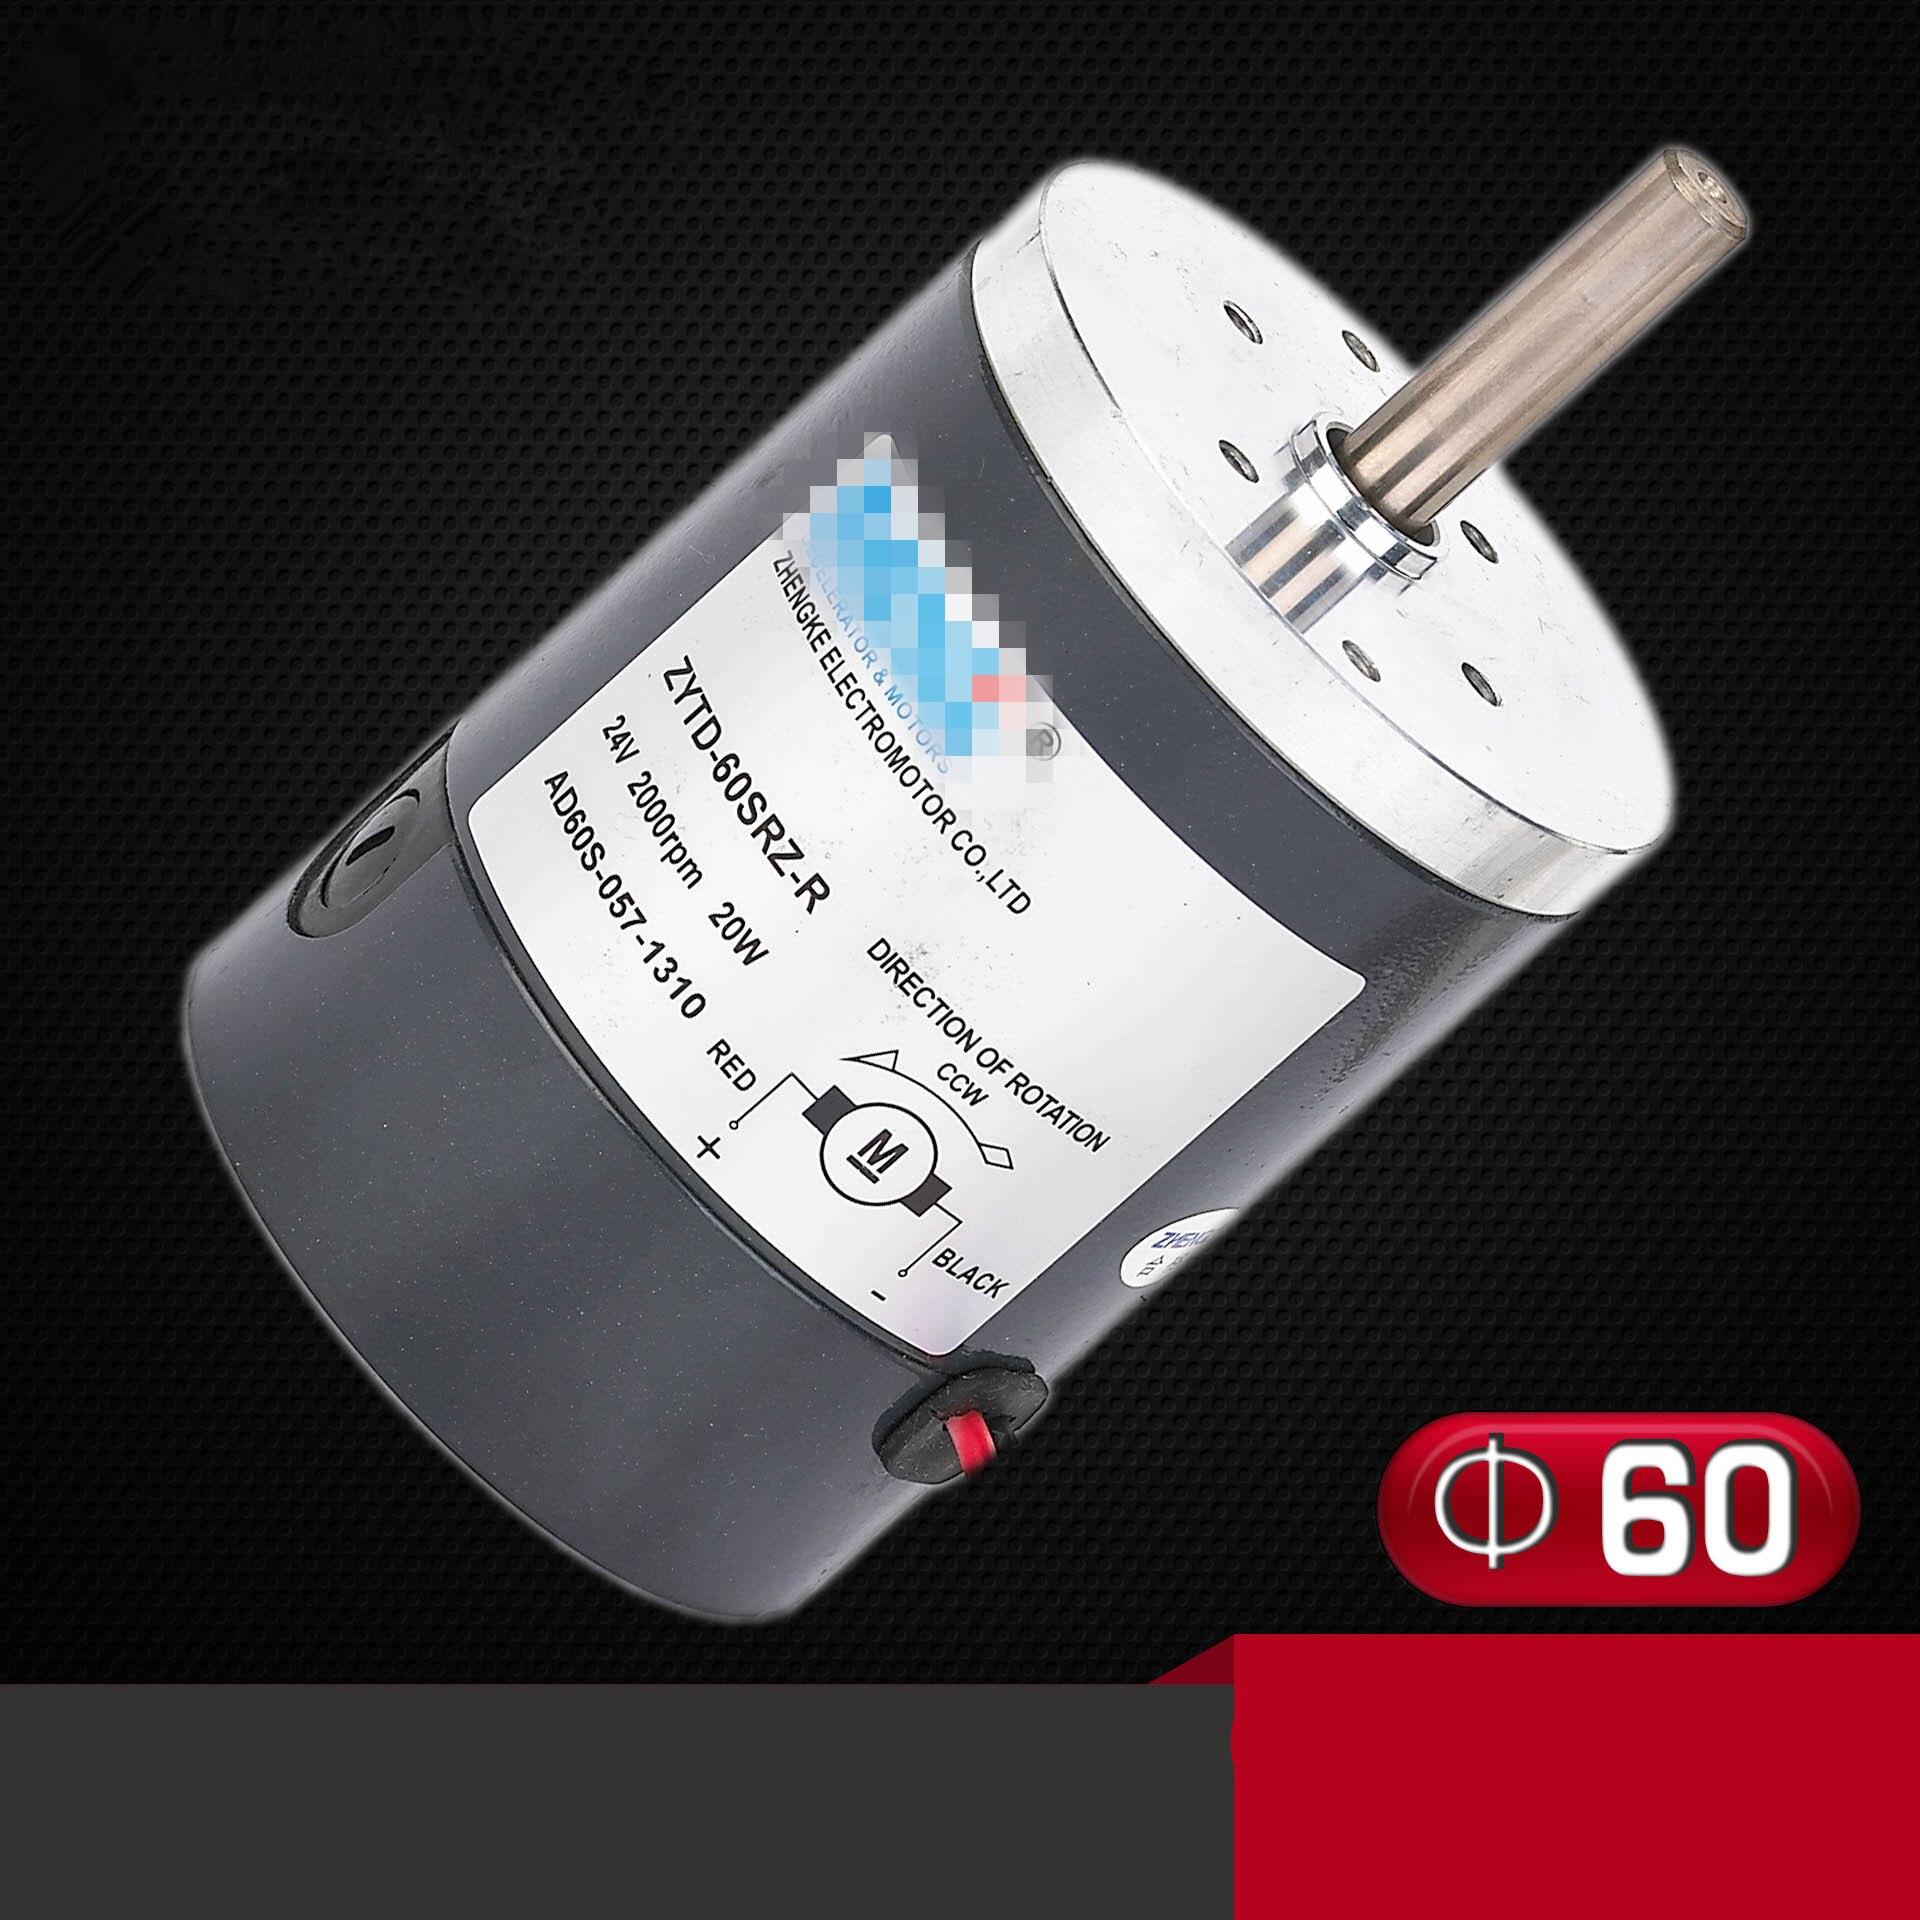 DC ZYTD-60SRZ-R 12V 24V 60mm Micro Adjustable Speed Motor Reversing 1200RPM-10000RPM tesys k reversing contactor 3p 3no dc lp2k1201kd lp2 k1201kd 12a 100vdc lp2k1201ld lp2 k1201ld 12a 200vdc coil